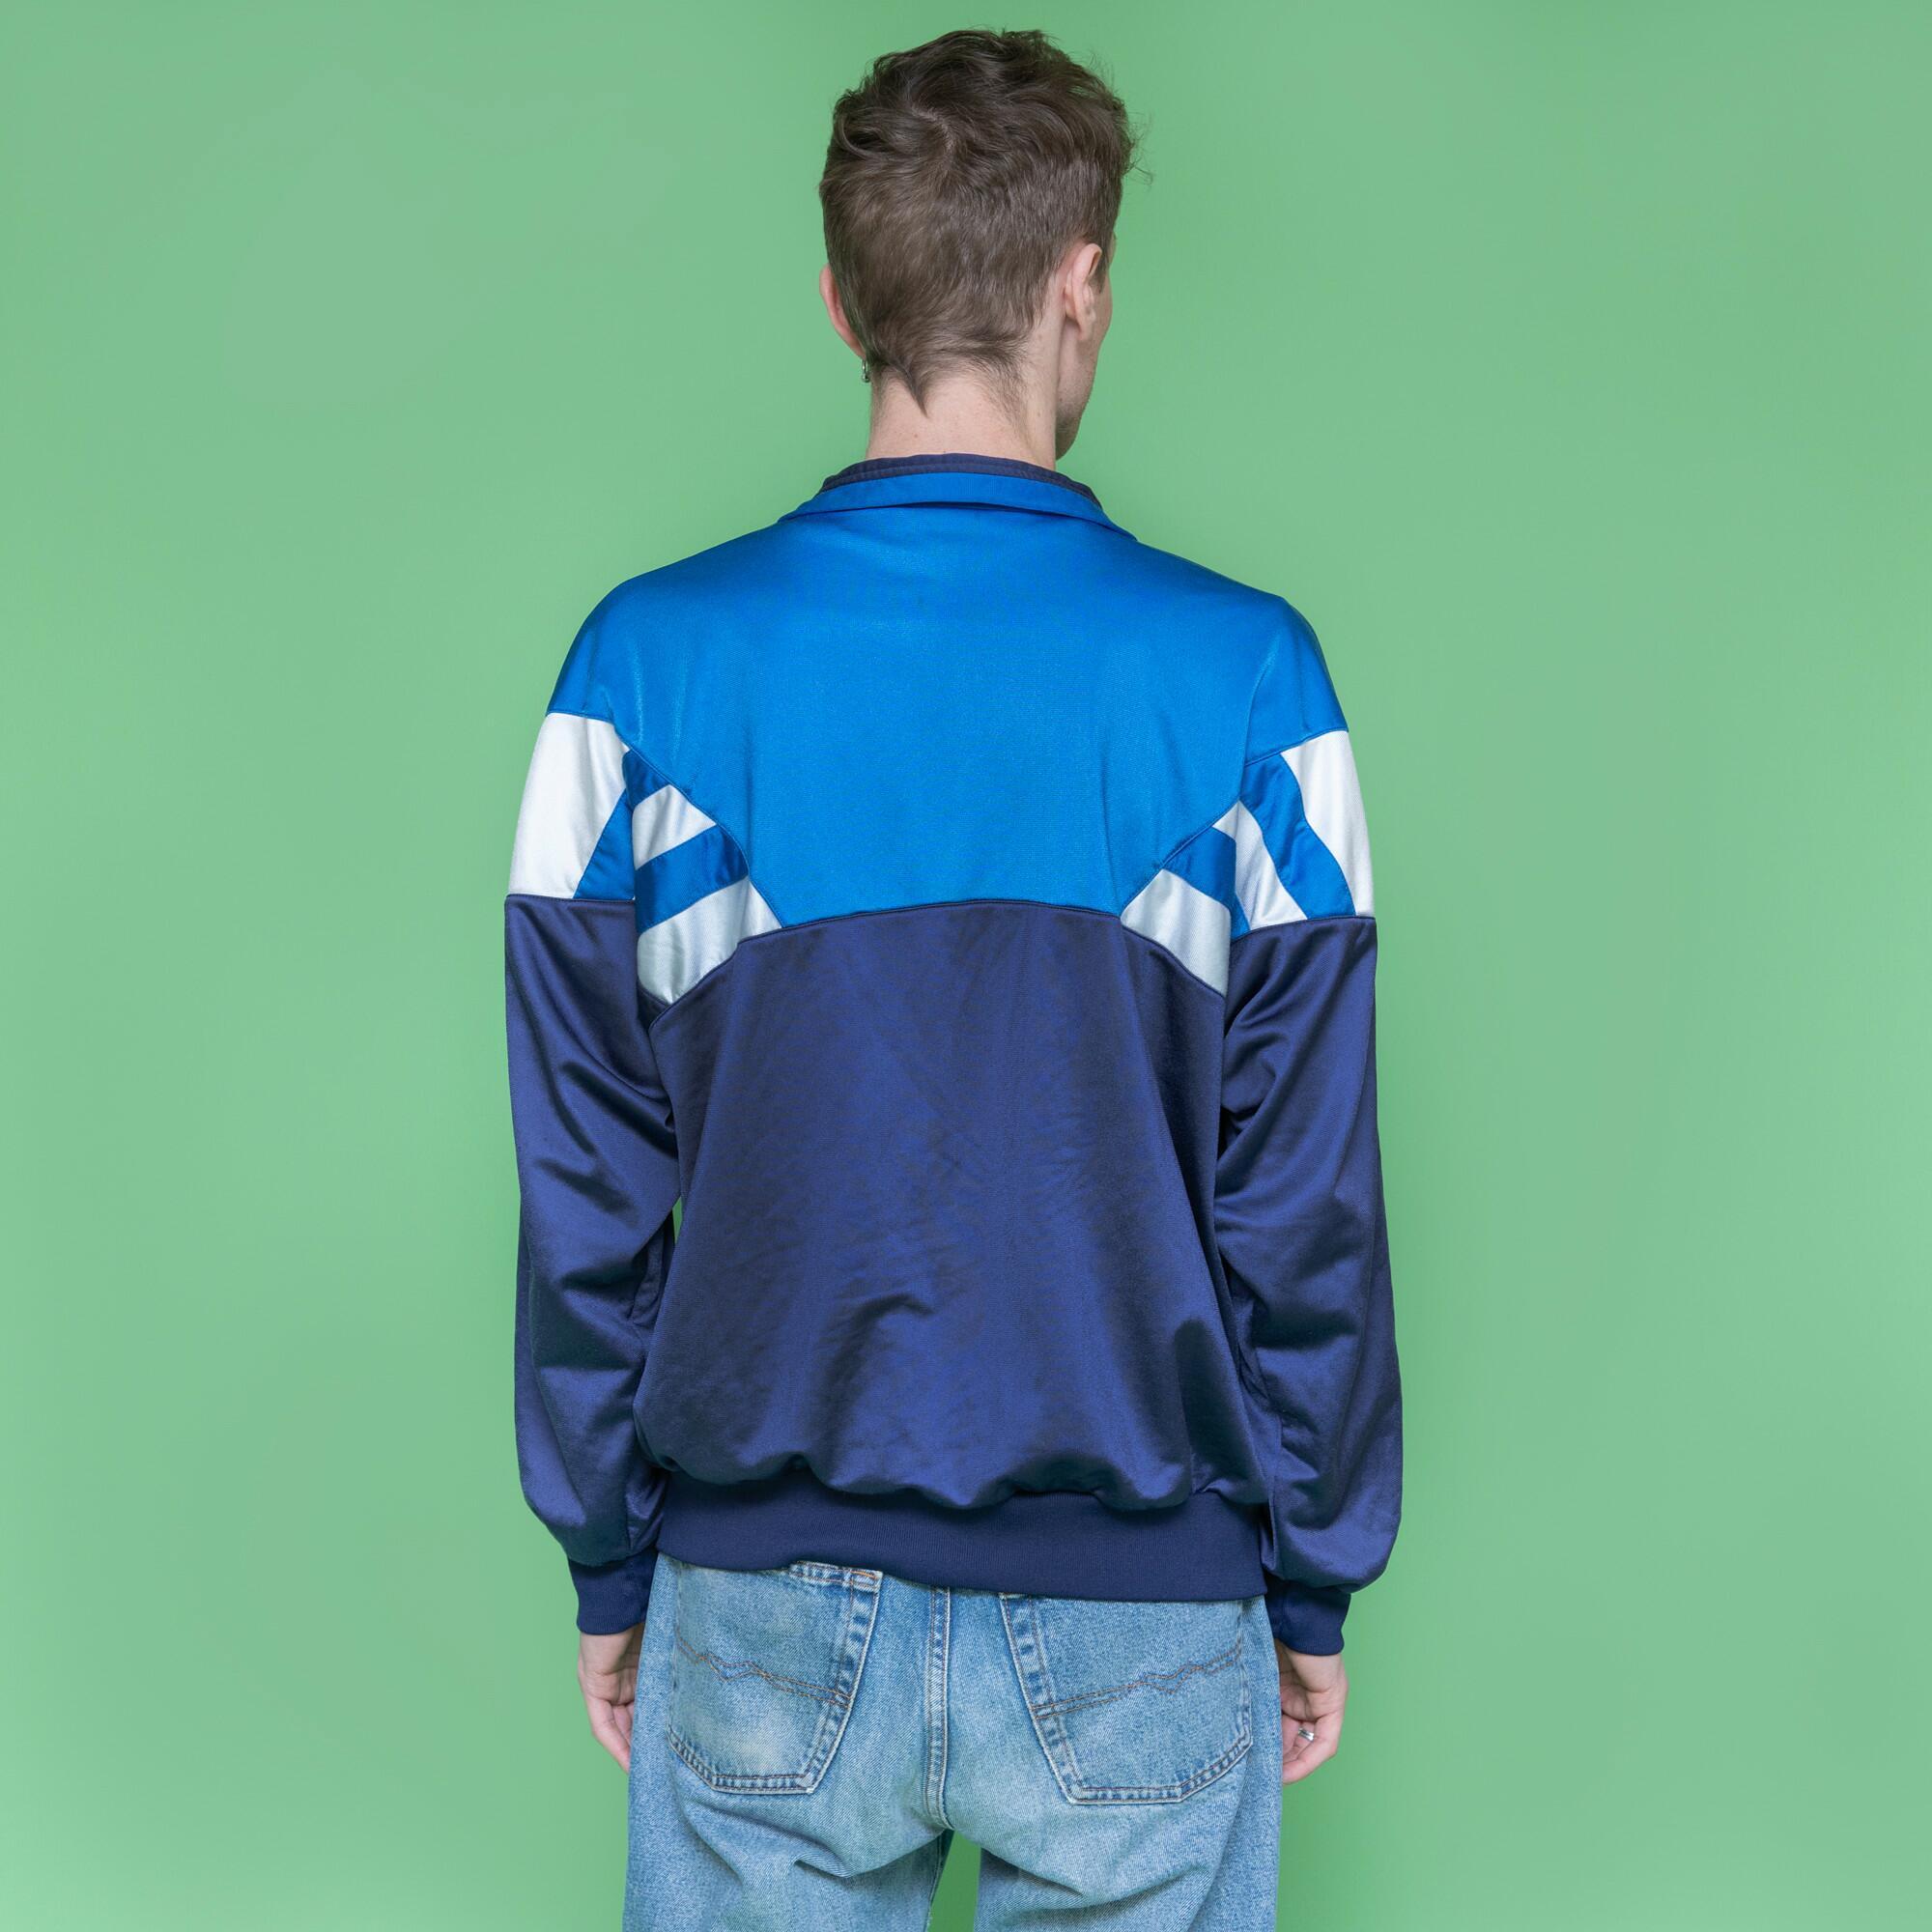 Niebieska bluza na suwak marki Hummel - KEX Vintage Store   JestemSlow.pl